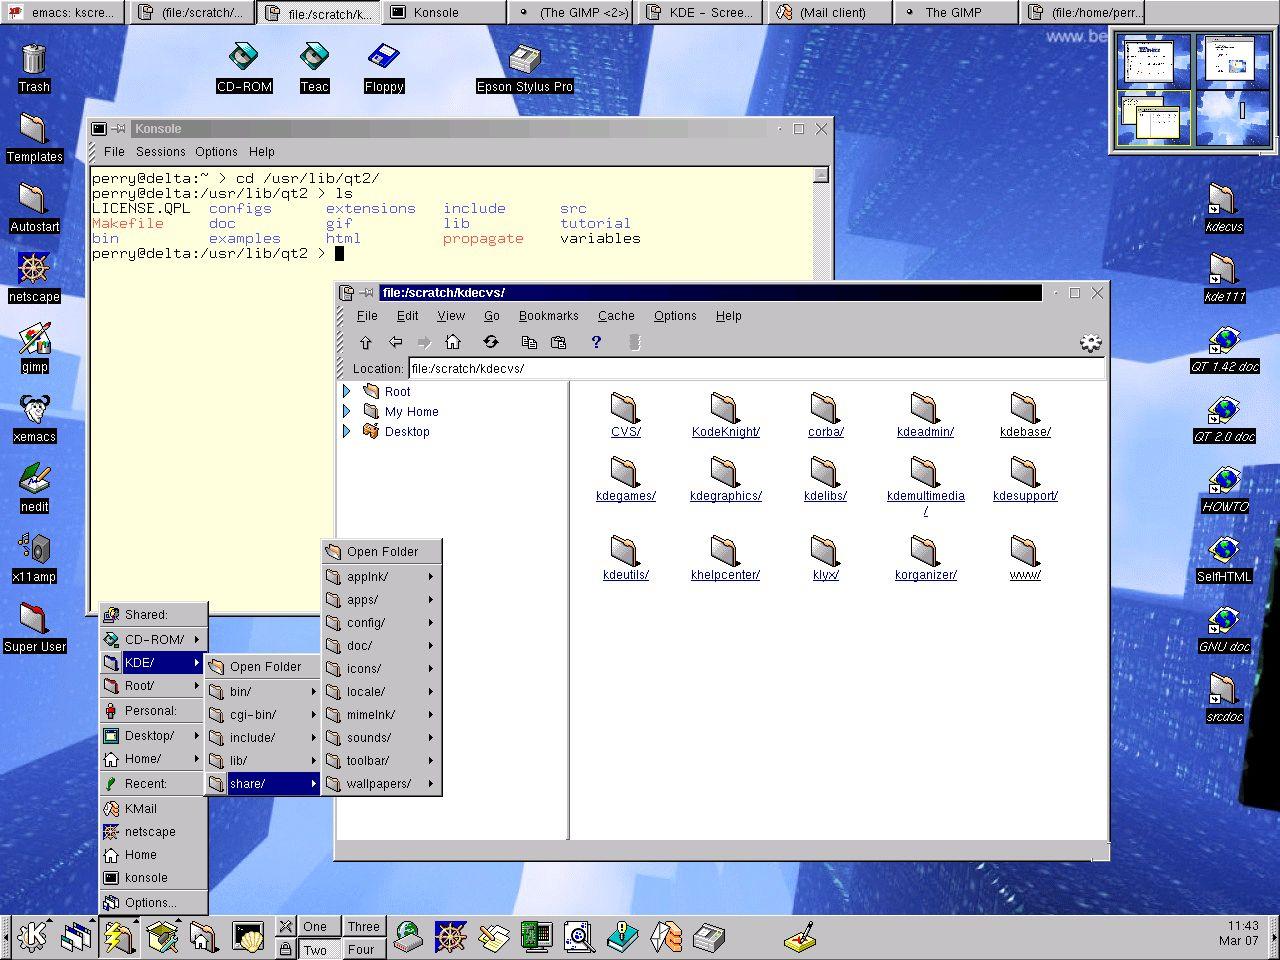 KDE 1.1